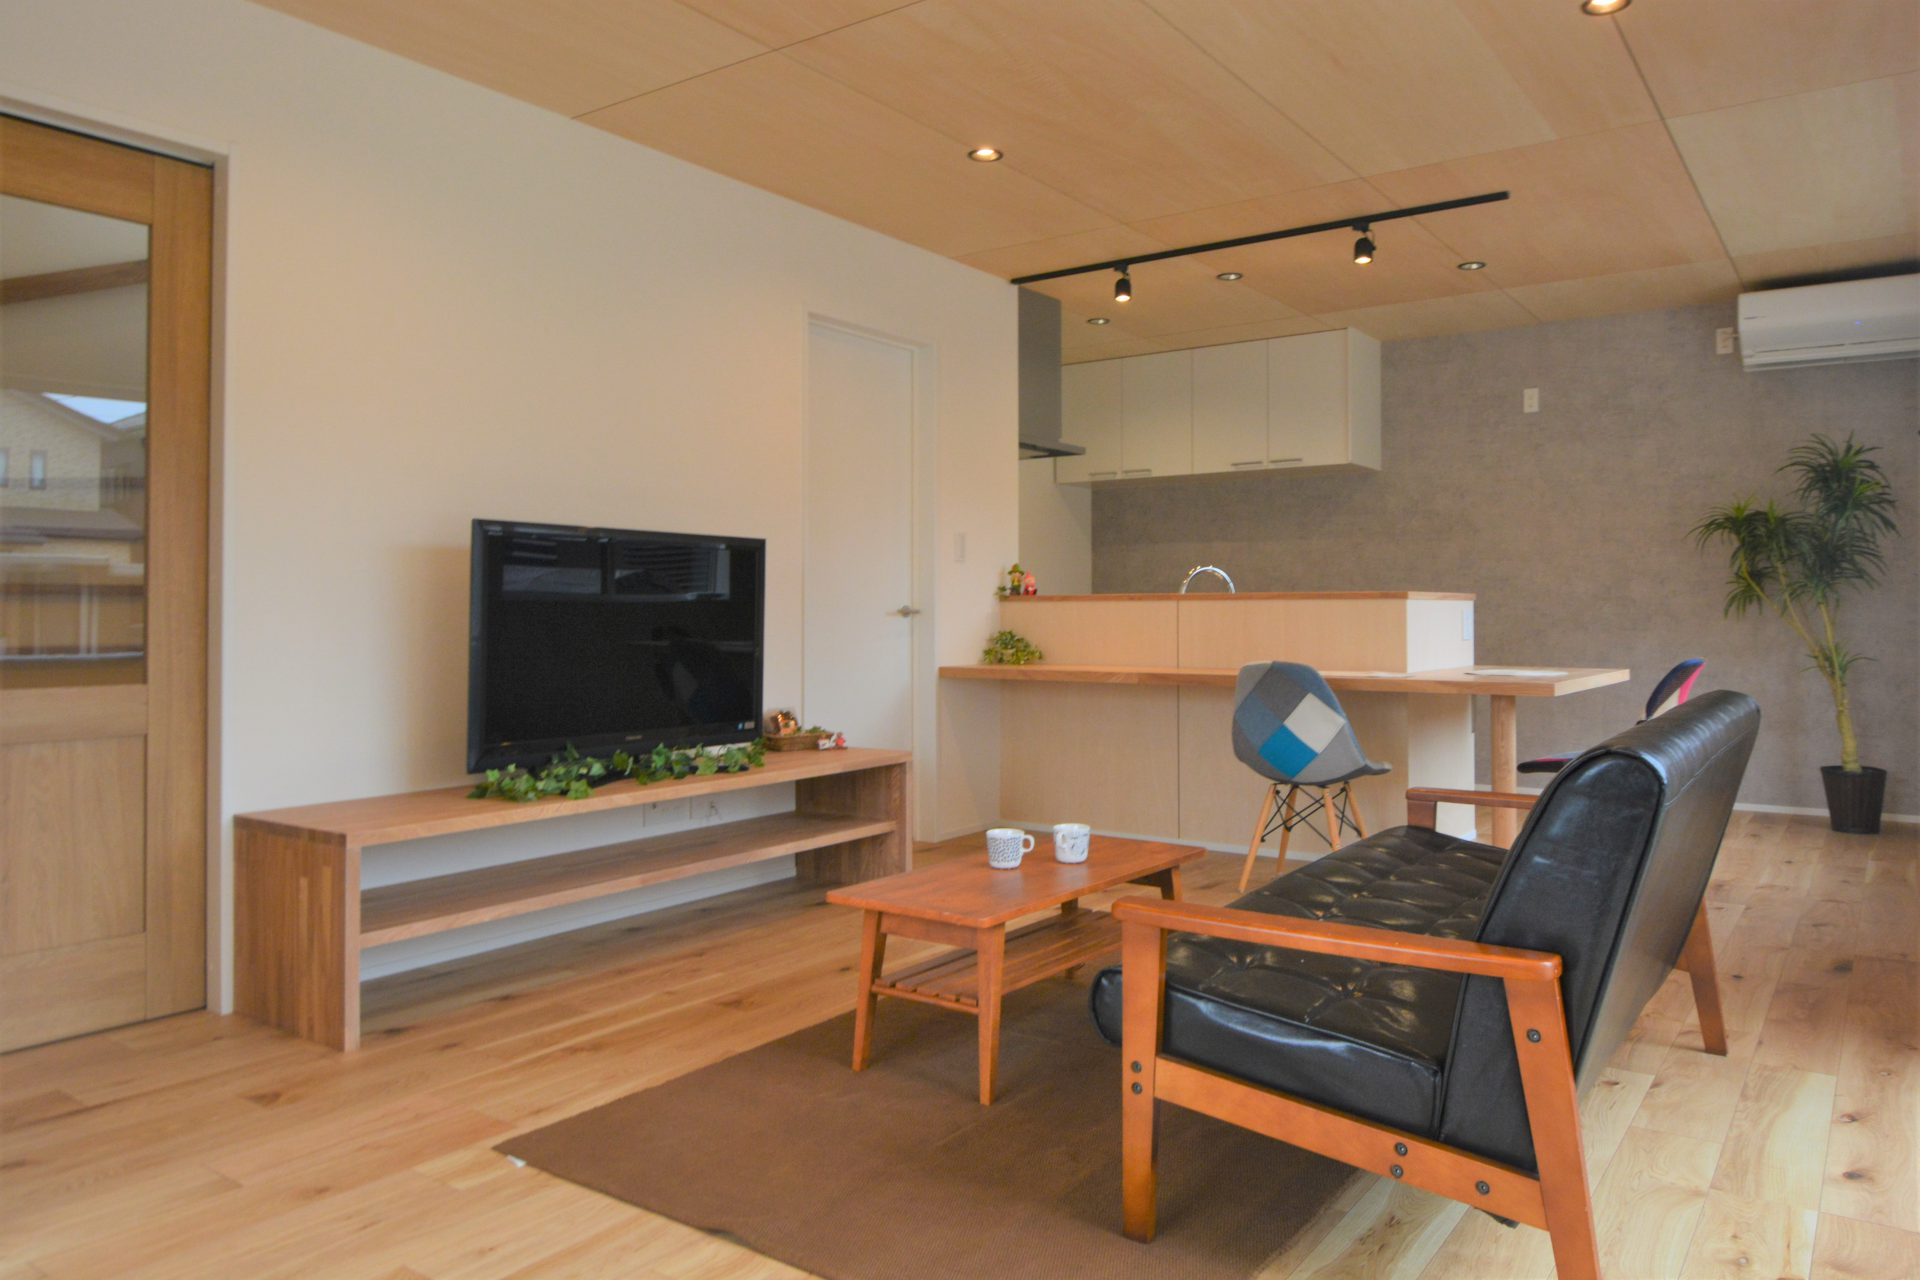 こだわりのシャープな外観と、ナチュラルな家具が似合う家~「家づくり夢なんです」そんなご家族念願の家~